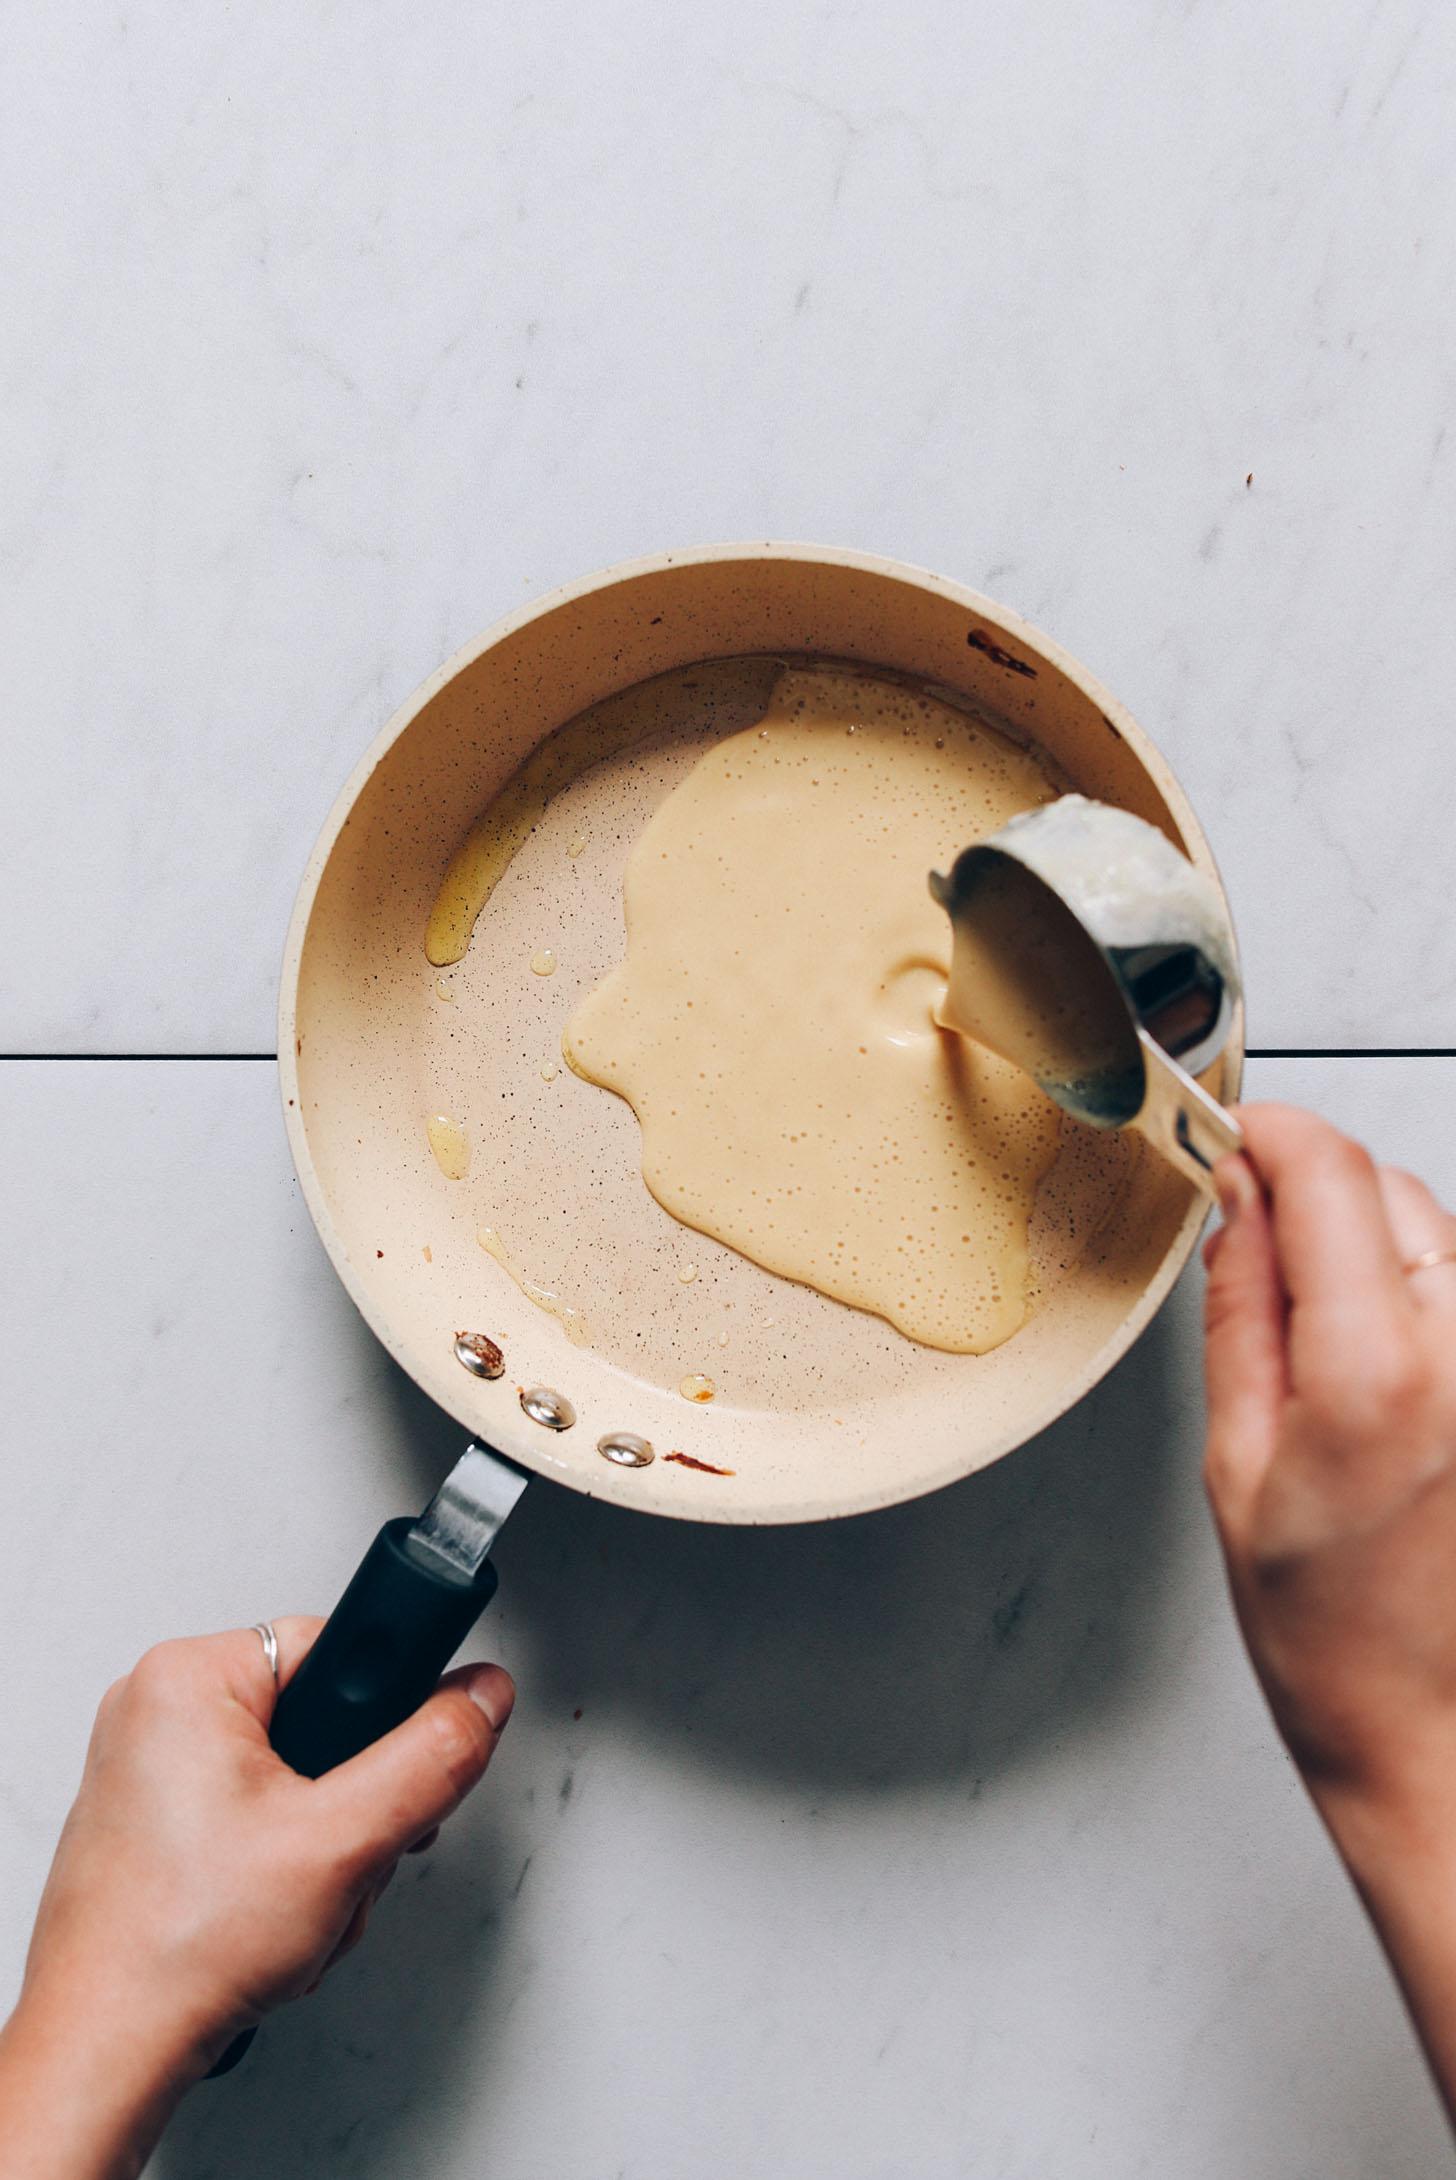 Verser la pâte à crêpes aux pois chiches dans une petite casserole